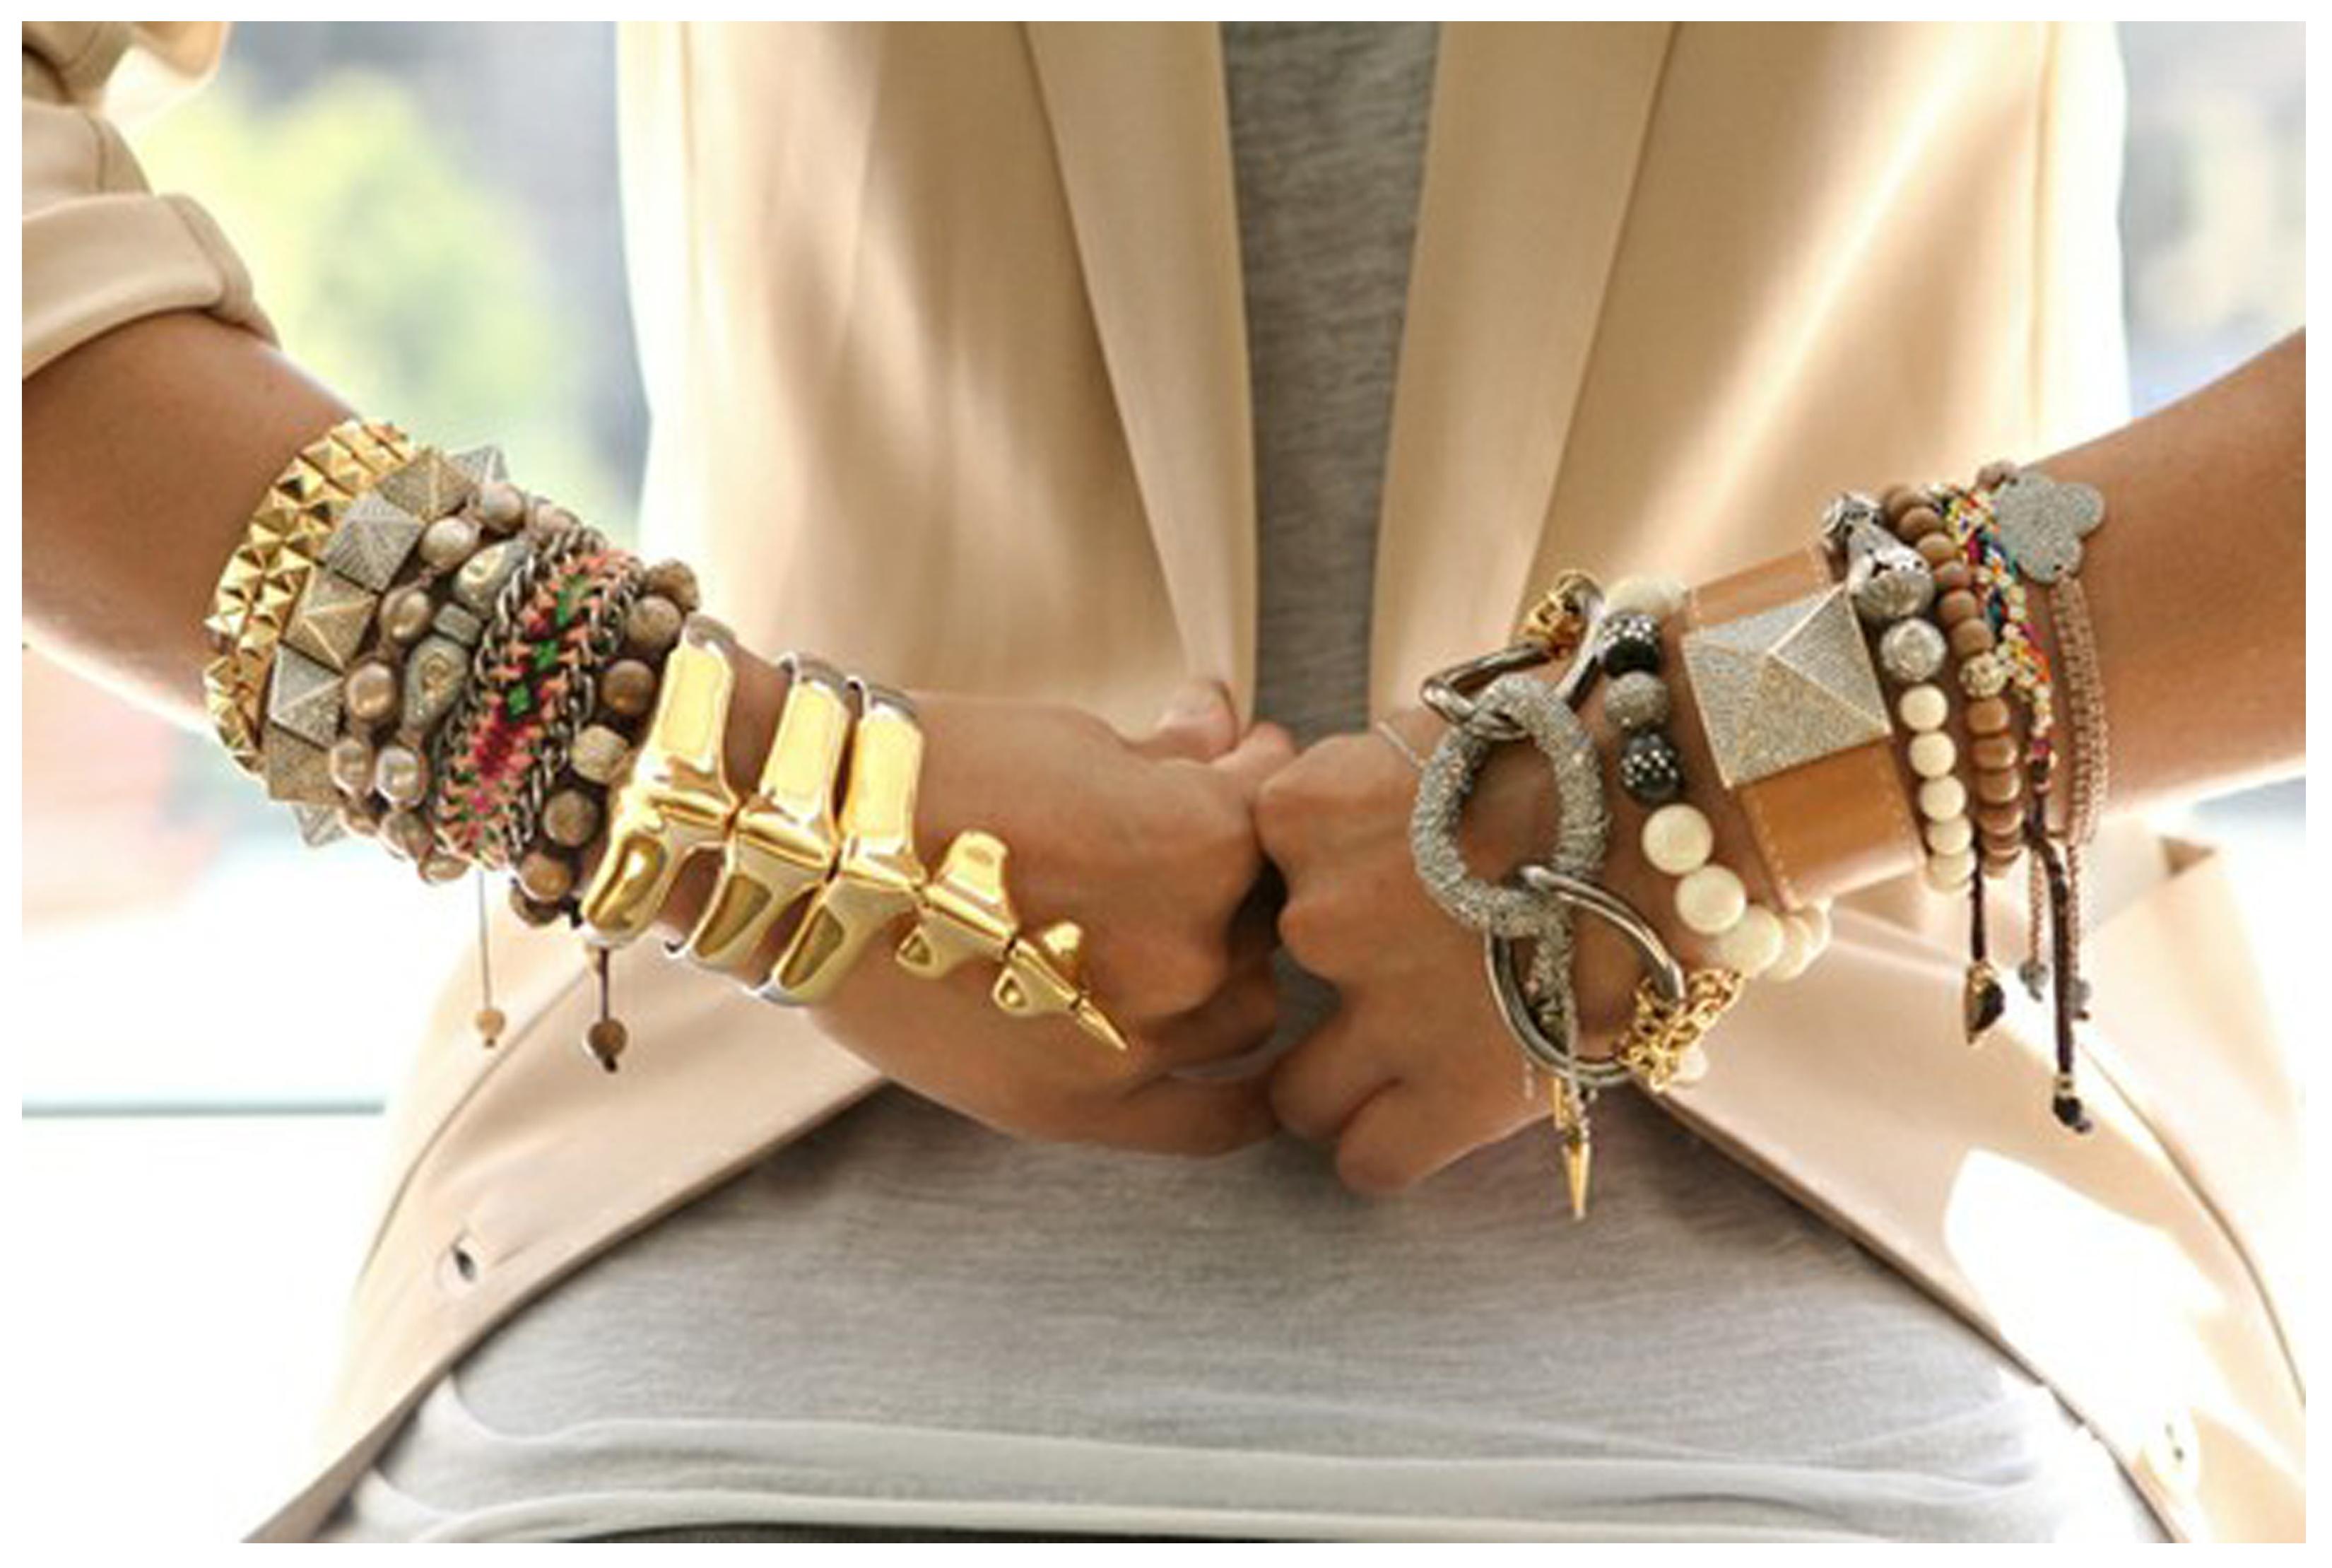 【卉观察】为什么说珠宝是奢侈品行业最有增长潜力的品类?